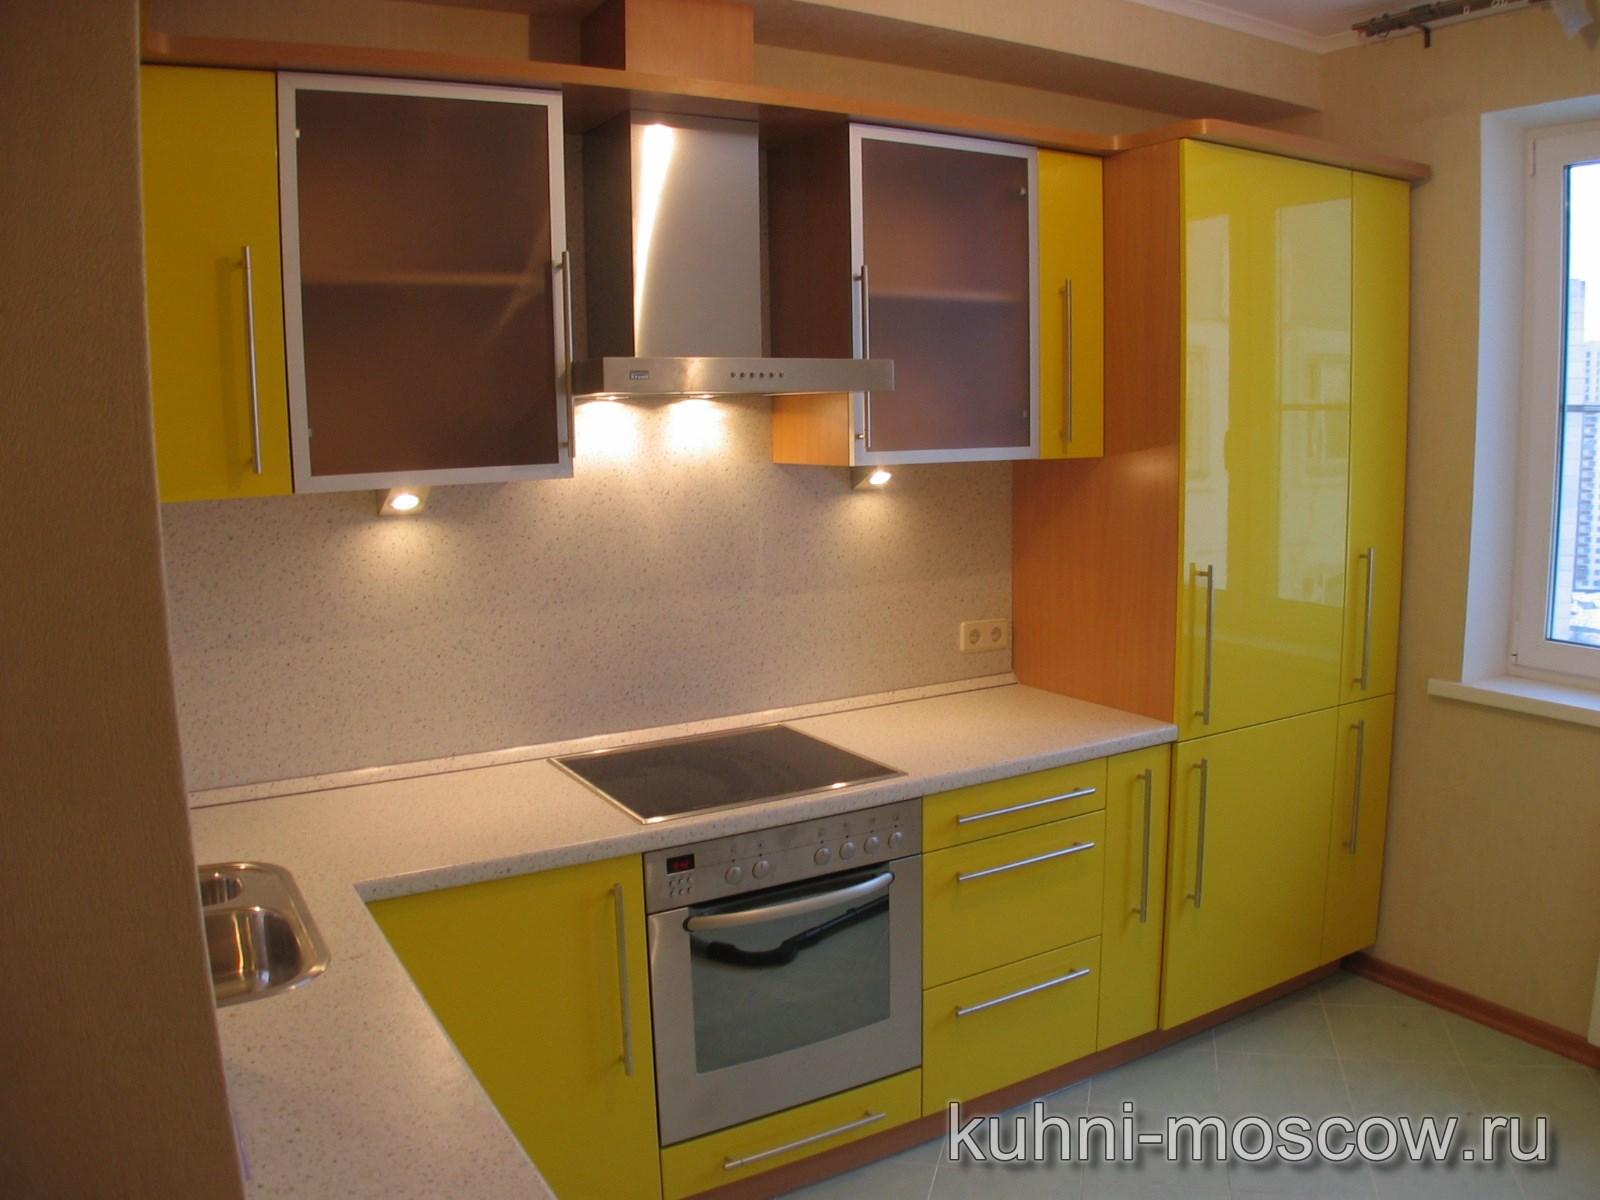 Дизайн кухни со встроенным холодильником